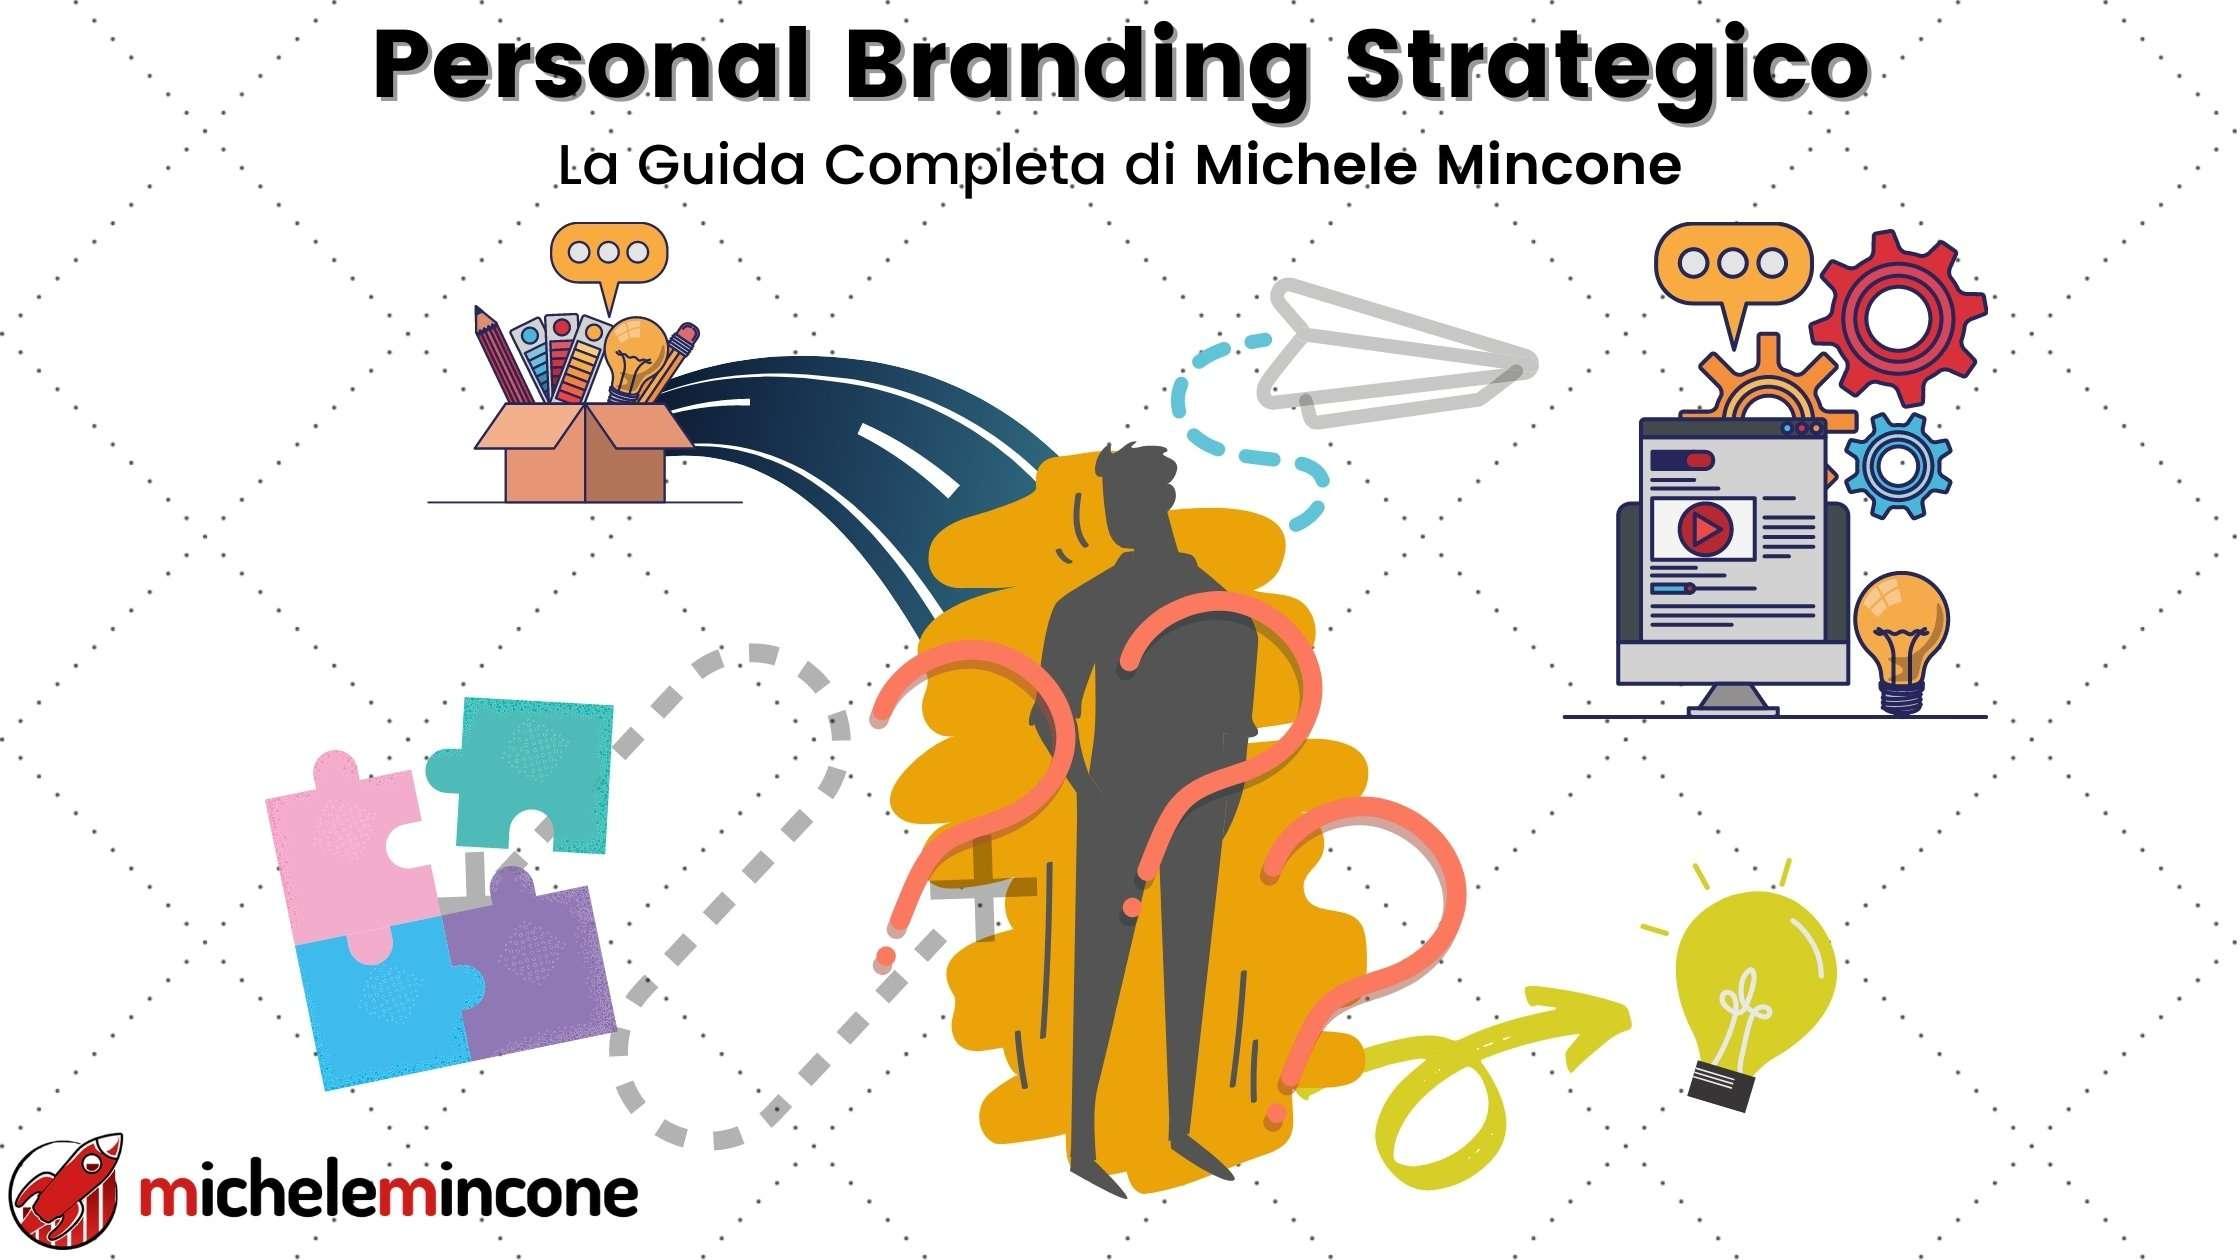 Personal Branding Strategico: l'Arte del Sapersi Vendere